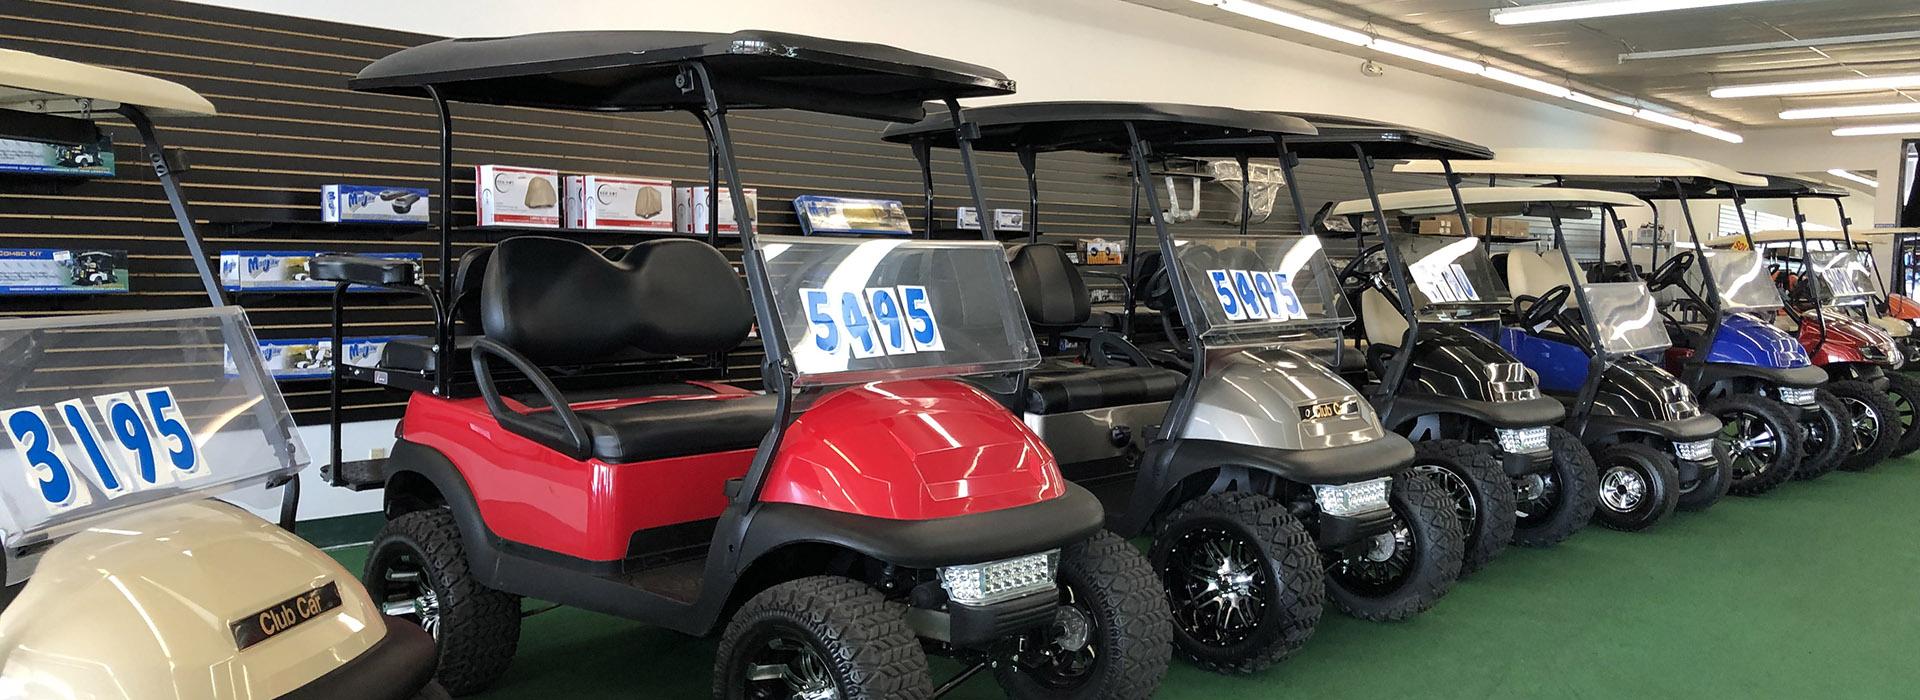 slide-golf-carts